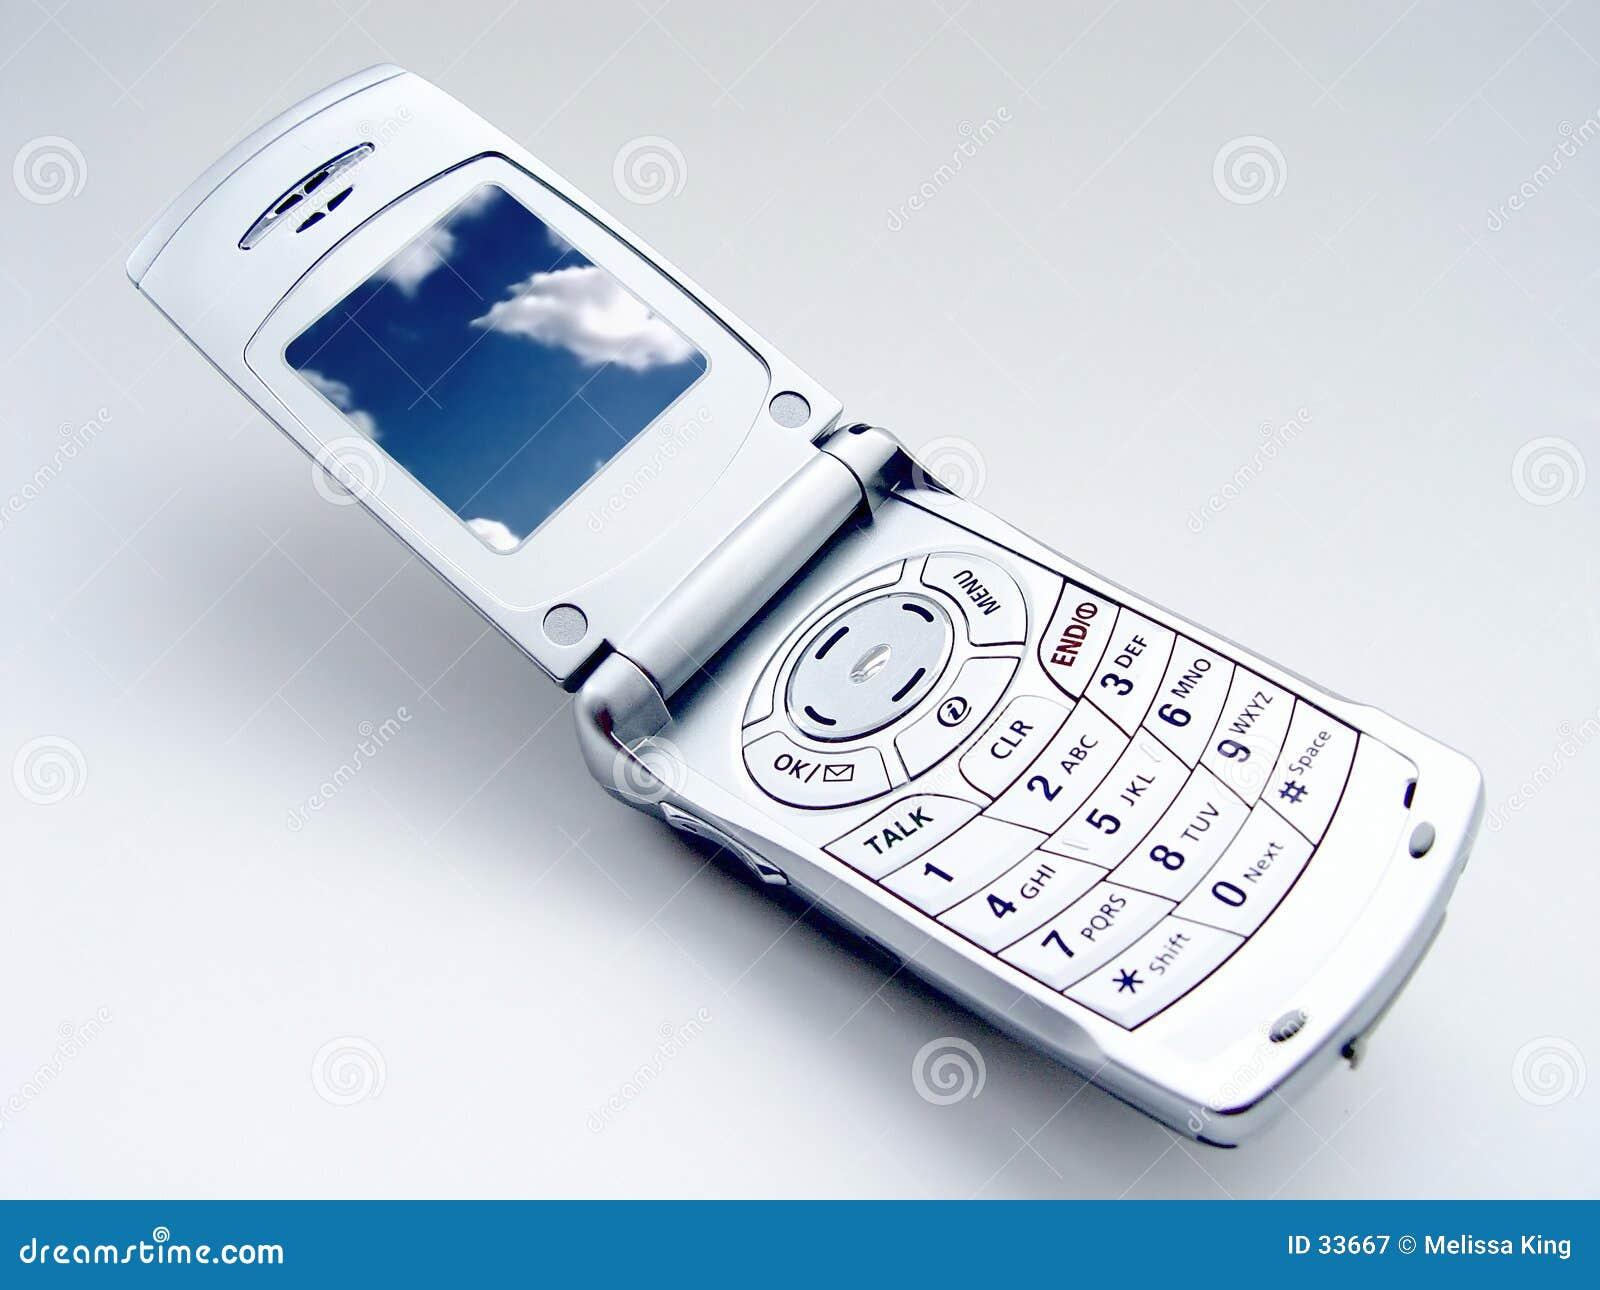 Download Cellulaire Telefoon Met Wolken Stock Afbeelding - Afbeelding bestaande uit cellulars, zilver: 33667